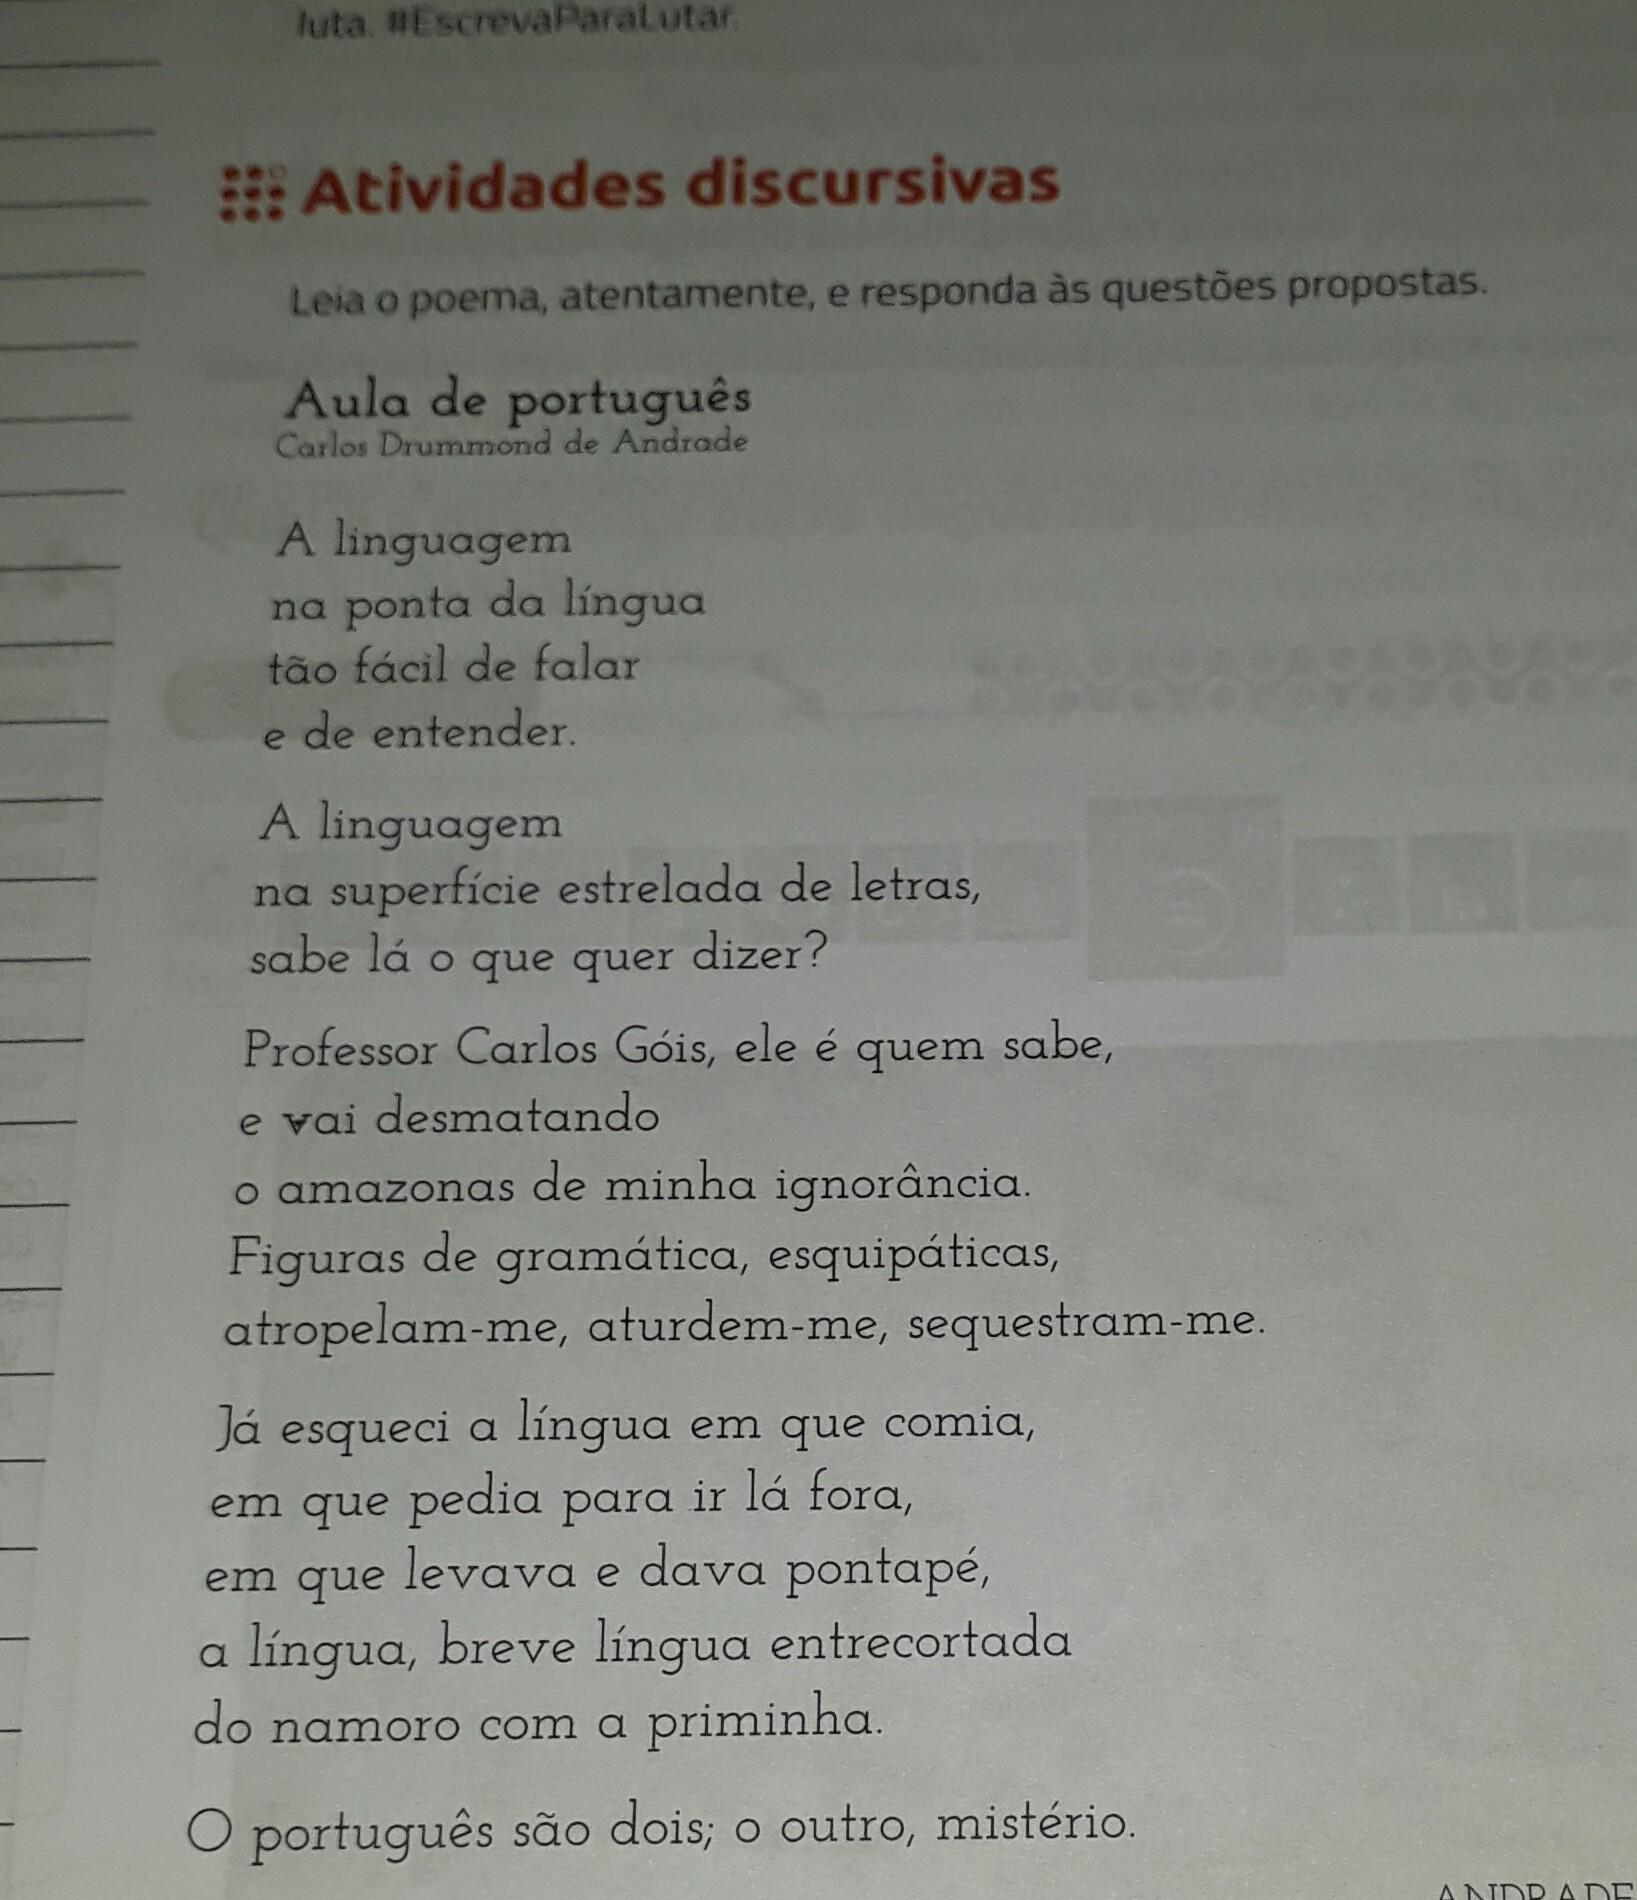 Inerente Cheap 1. o poema lido aponta um aspecto inerente a língua muito